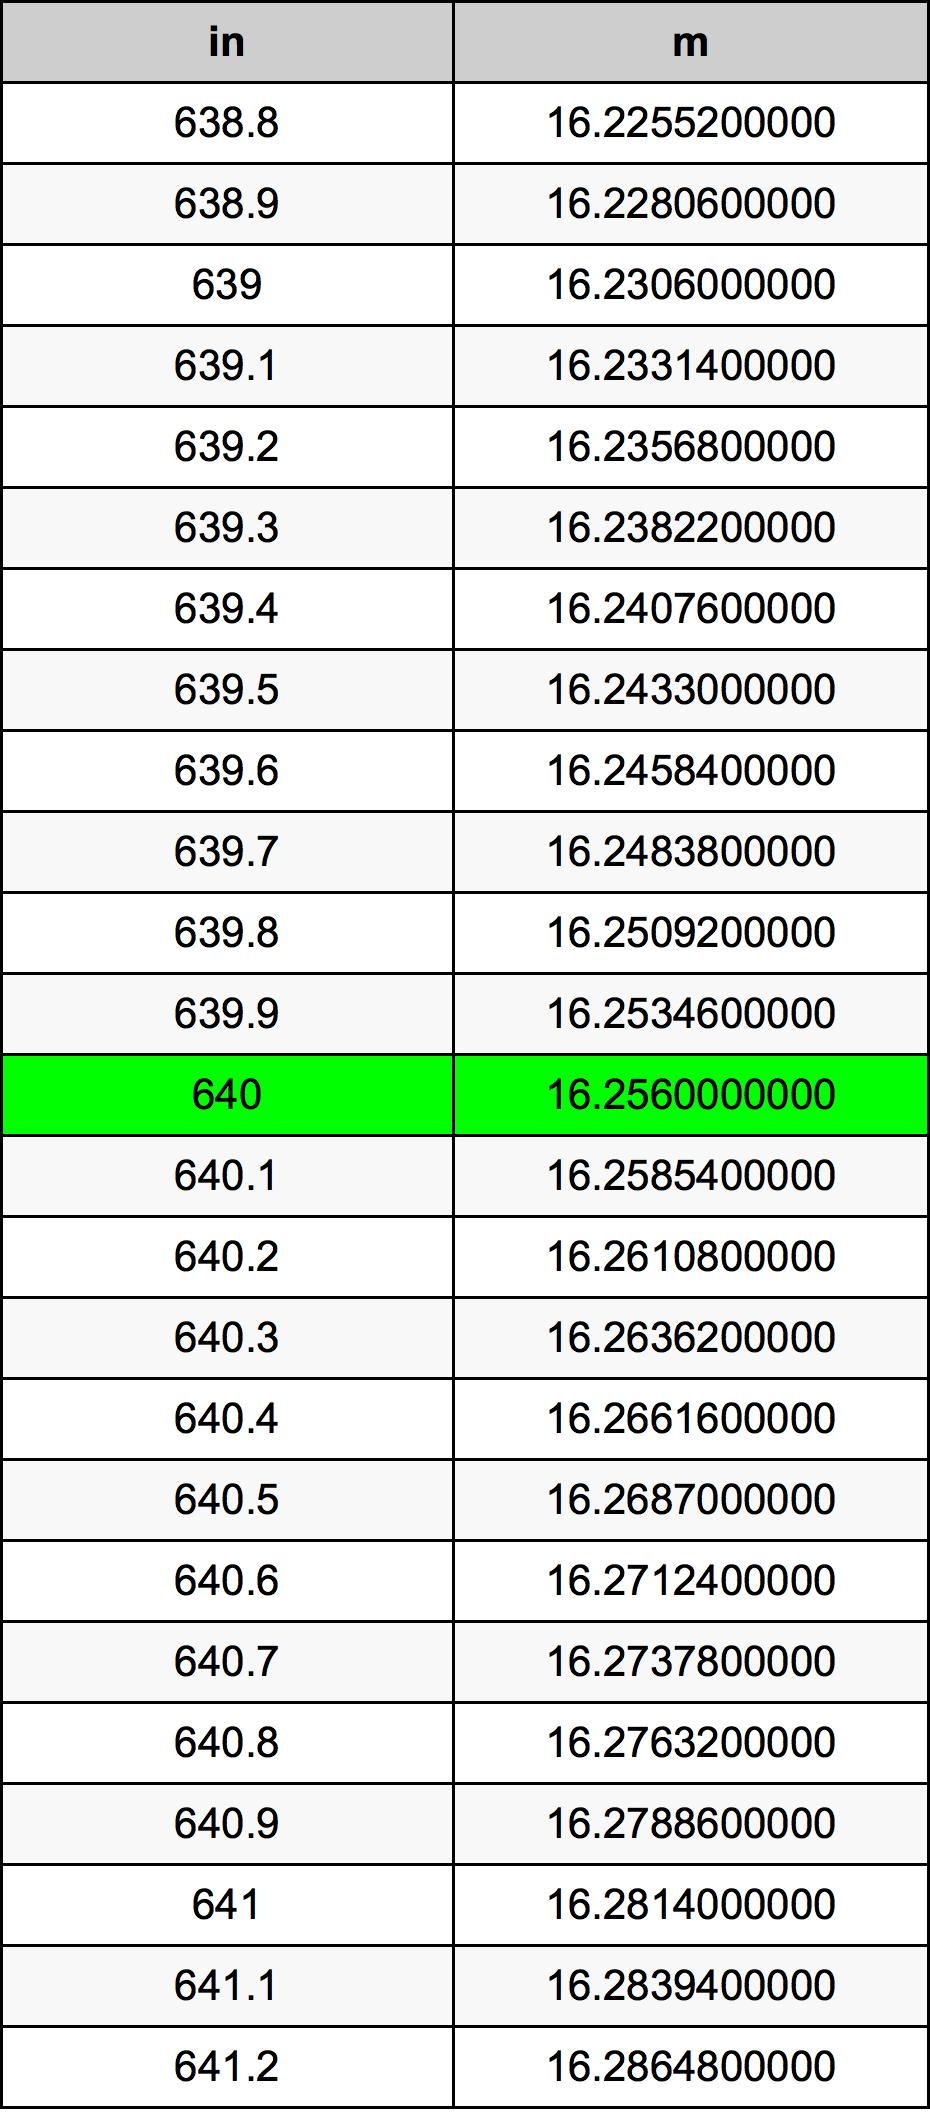 640 Polegada tabela de conversão